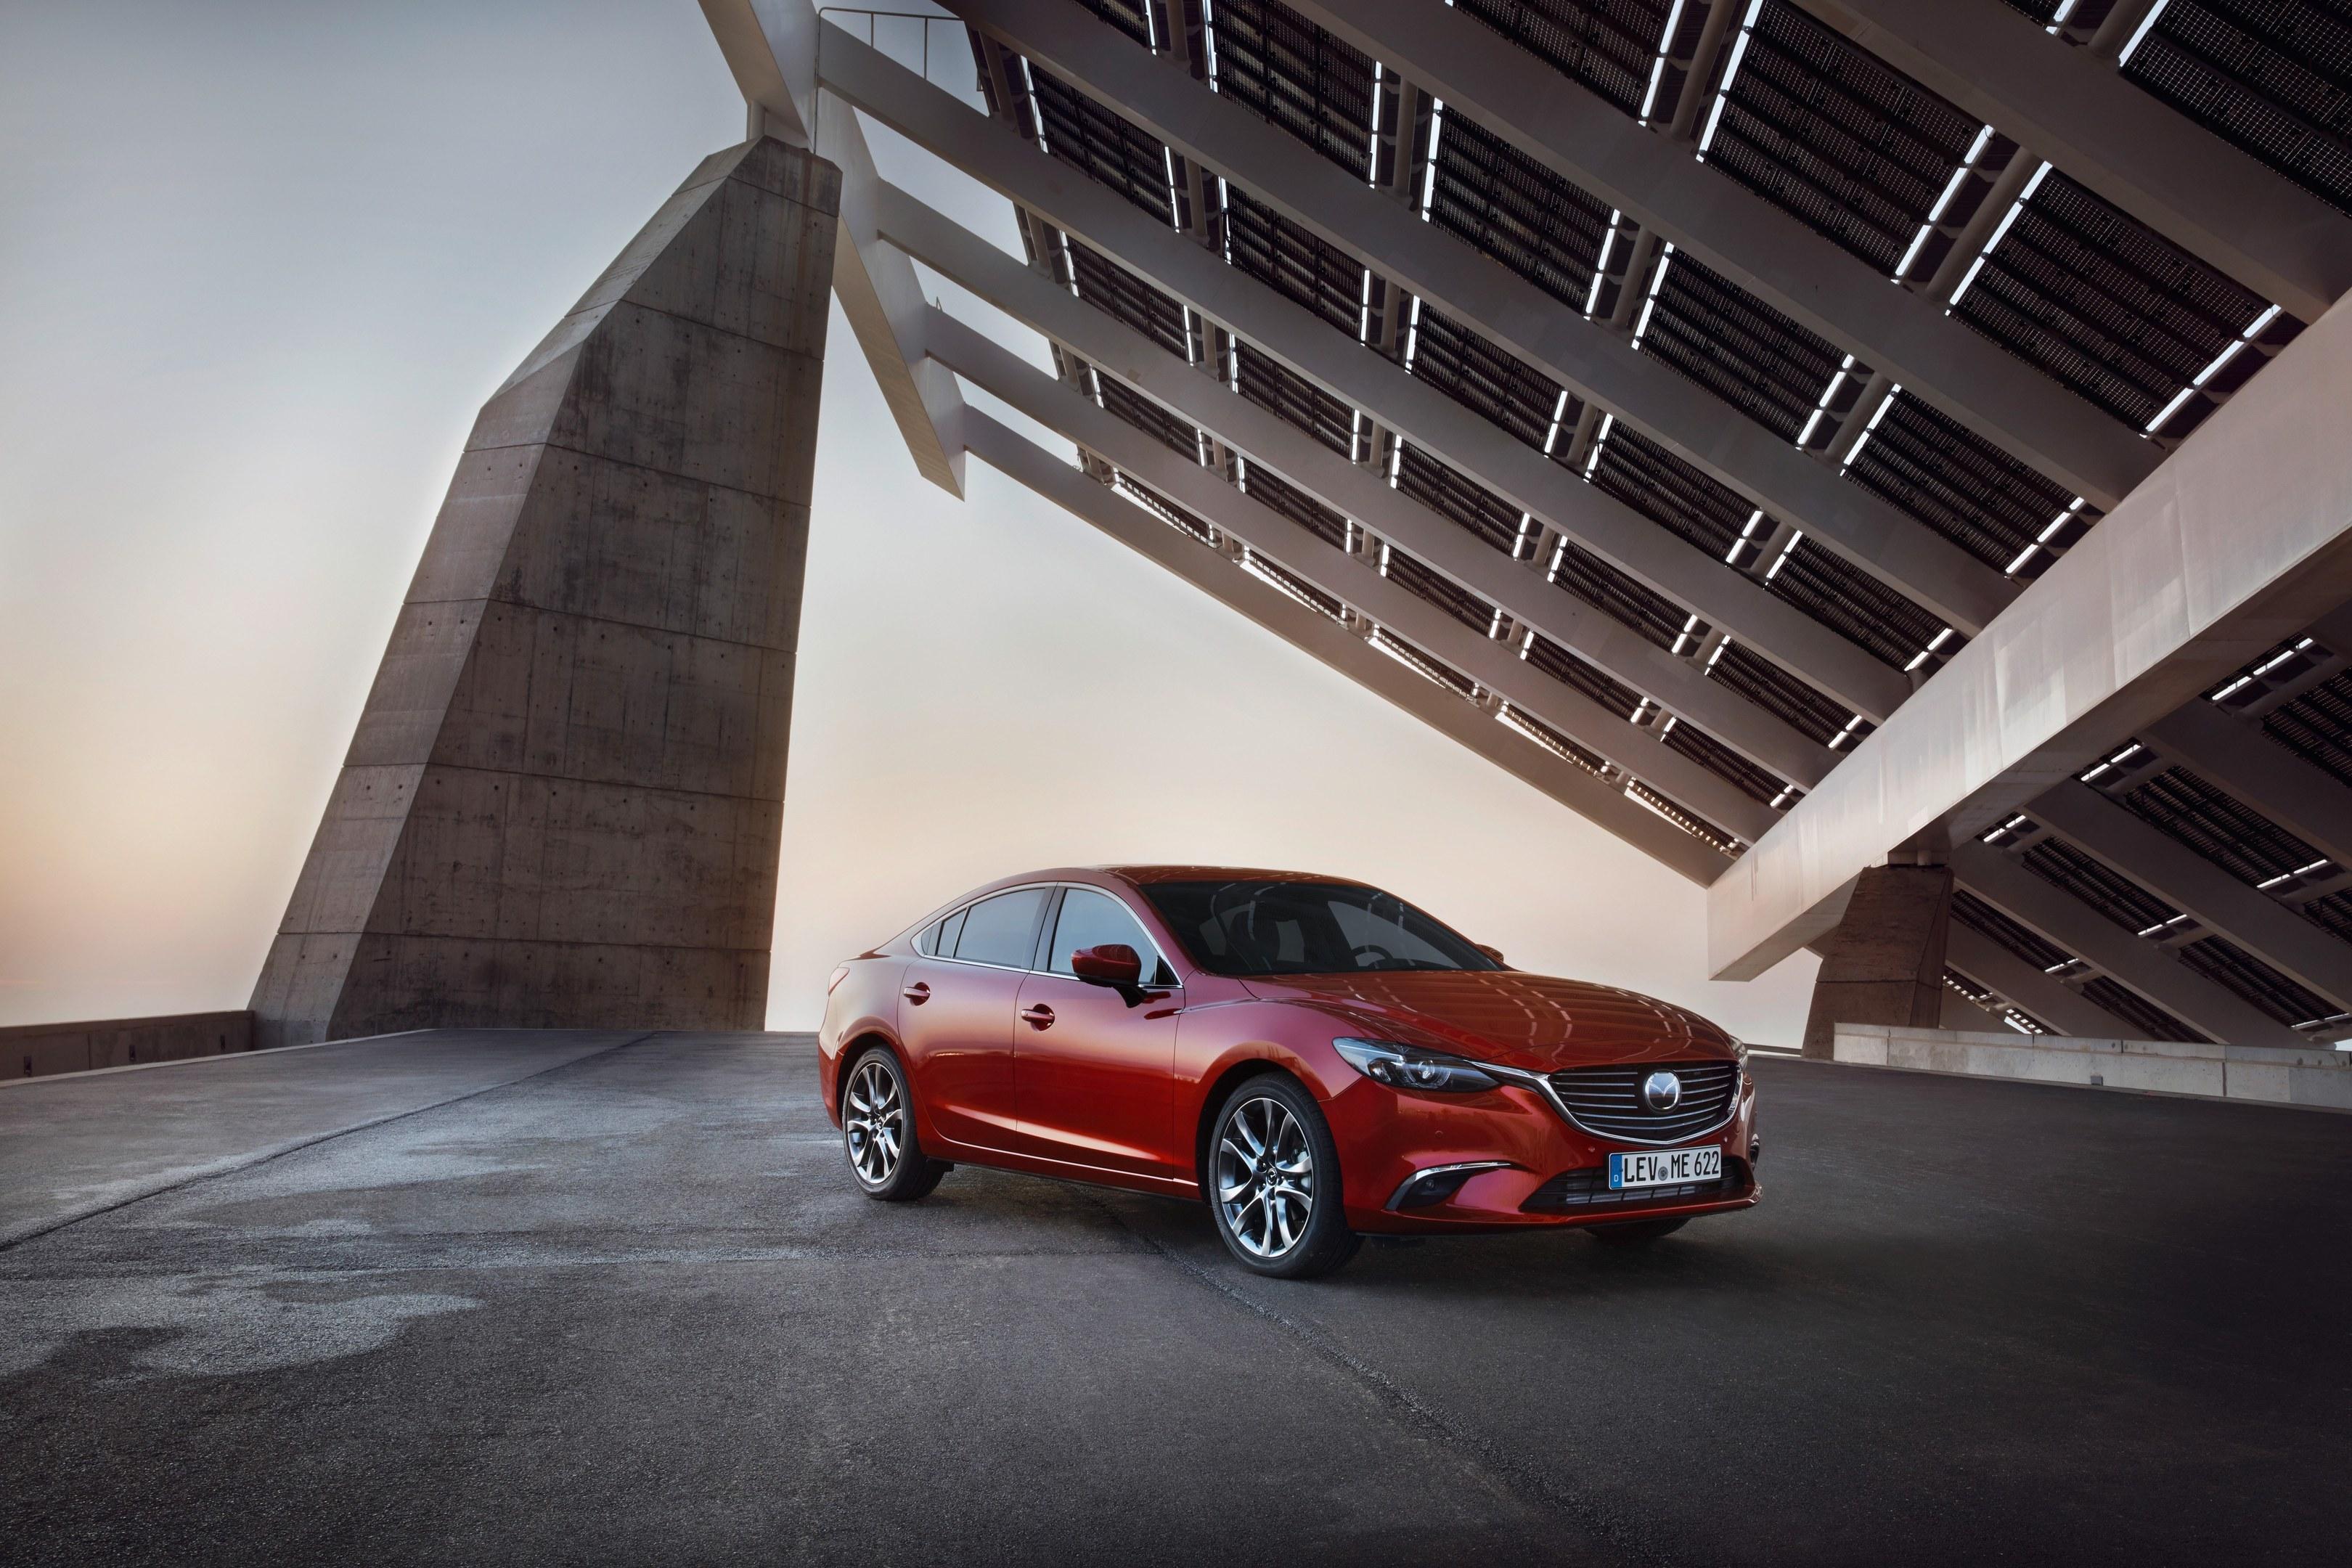 The Mazda 6.